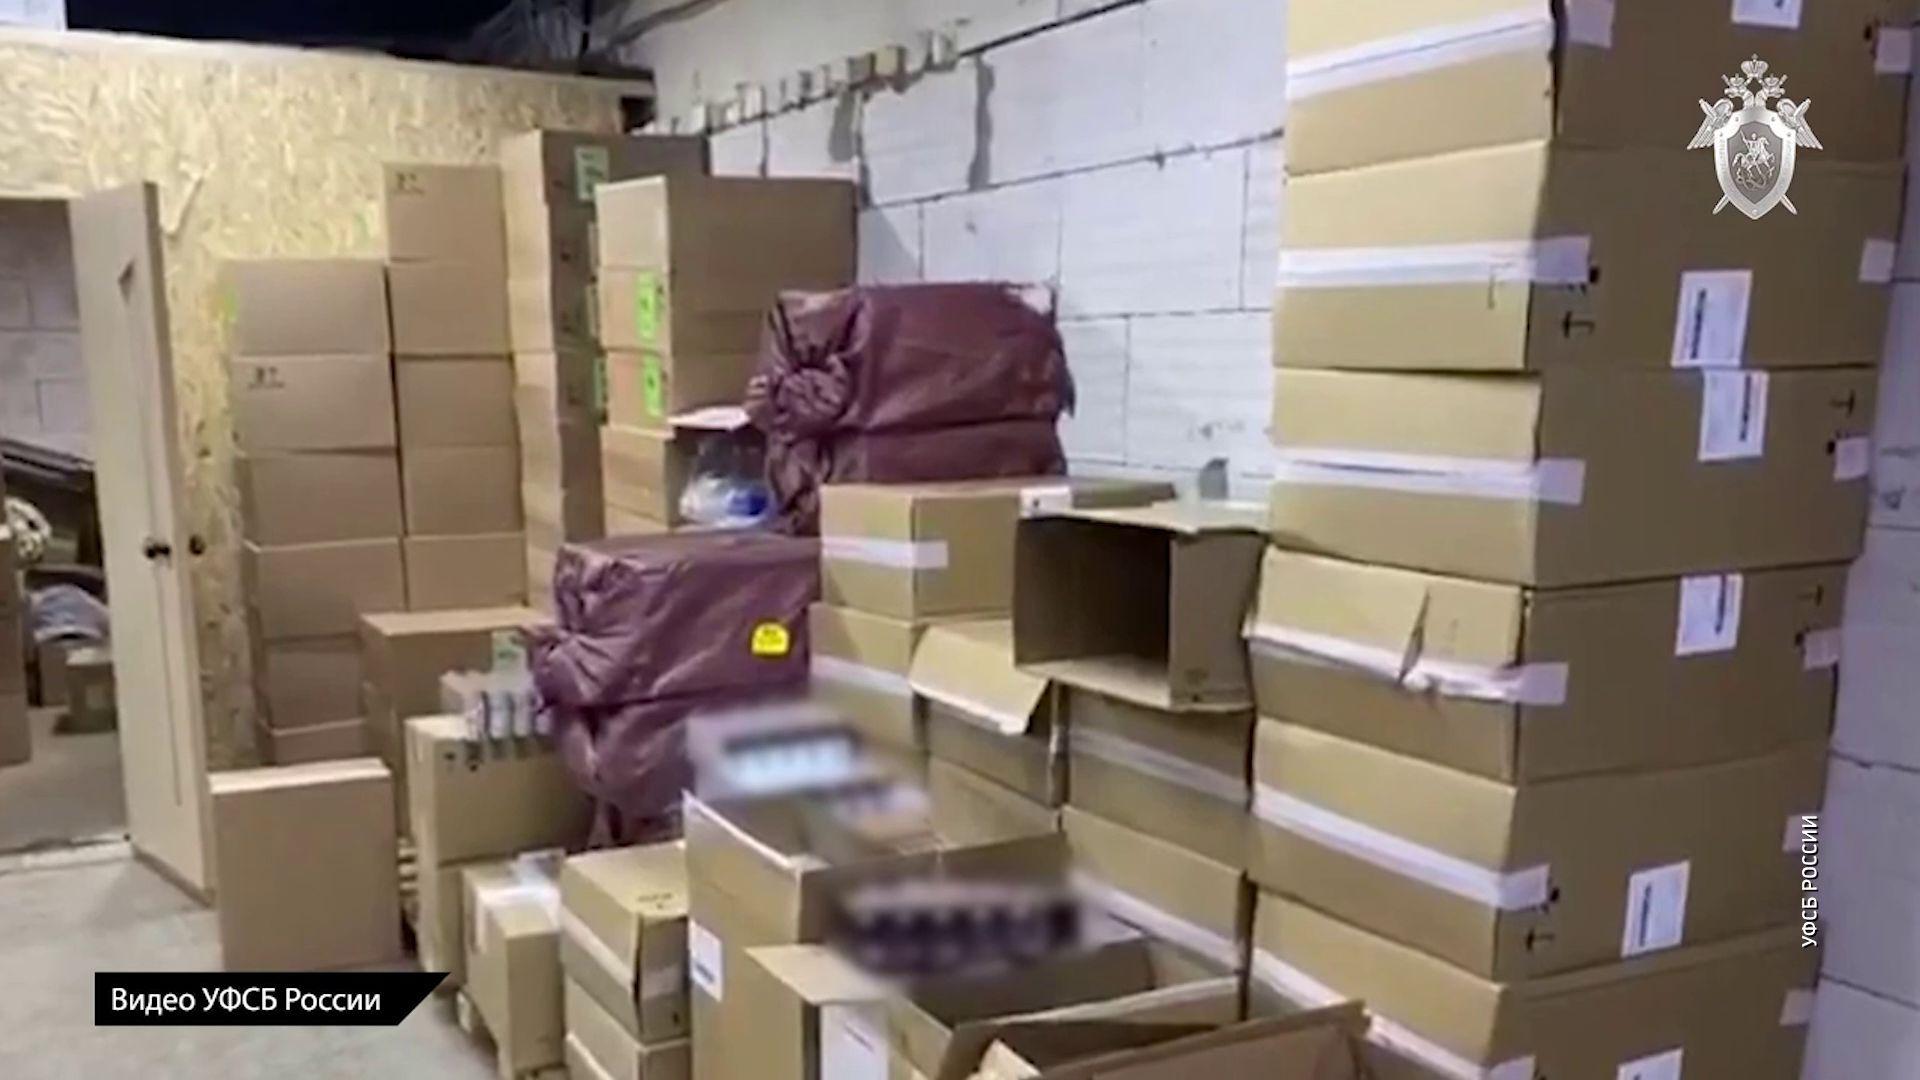 Более миллиона пачек нелегальных сигарет обнаружили Ярославской области